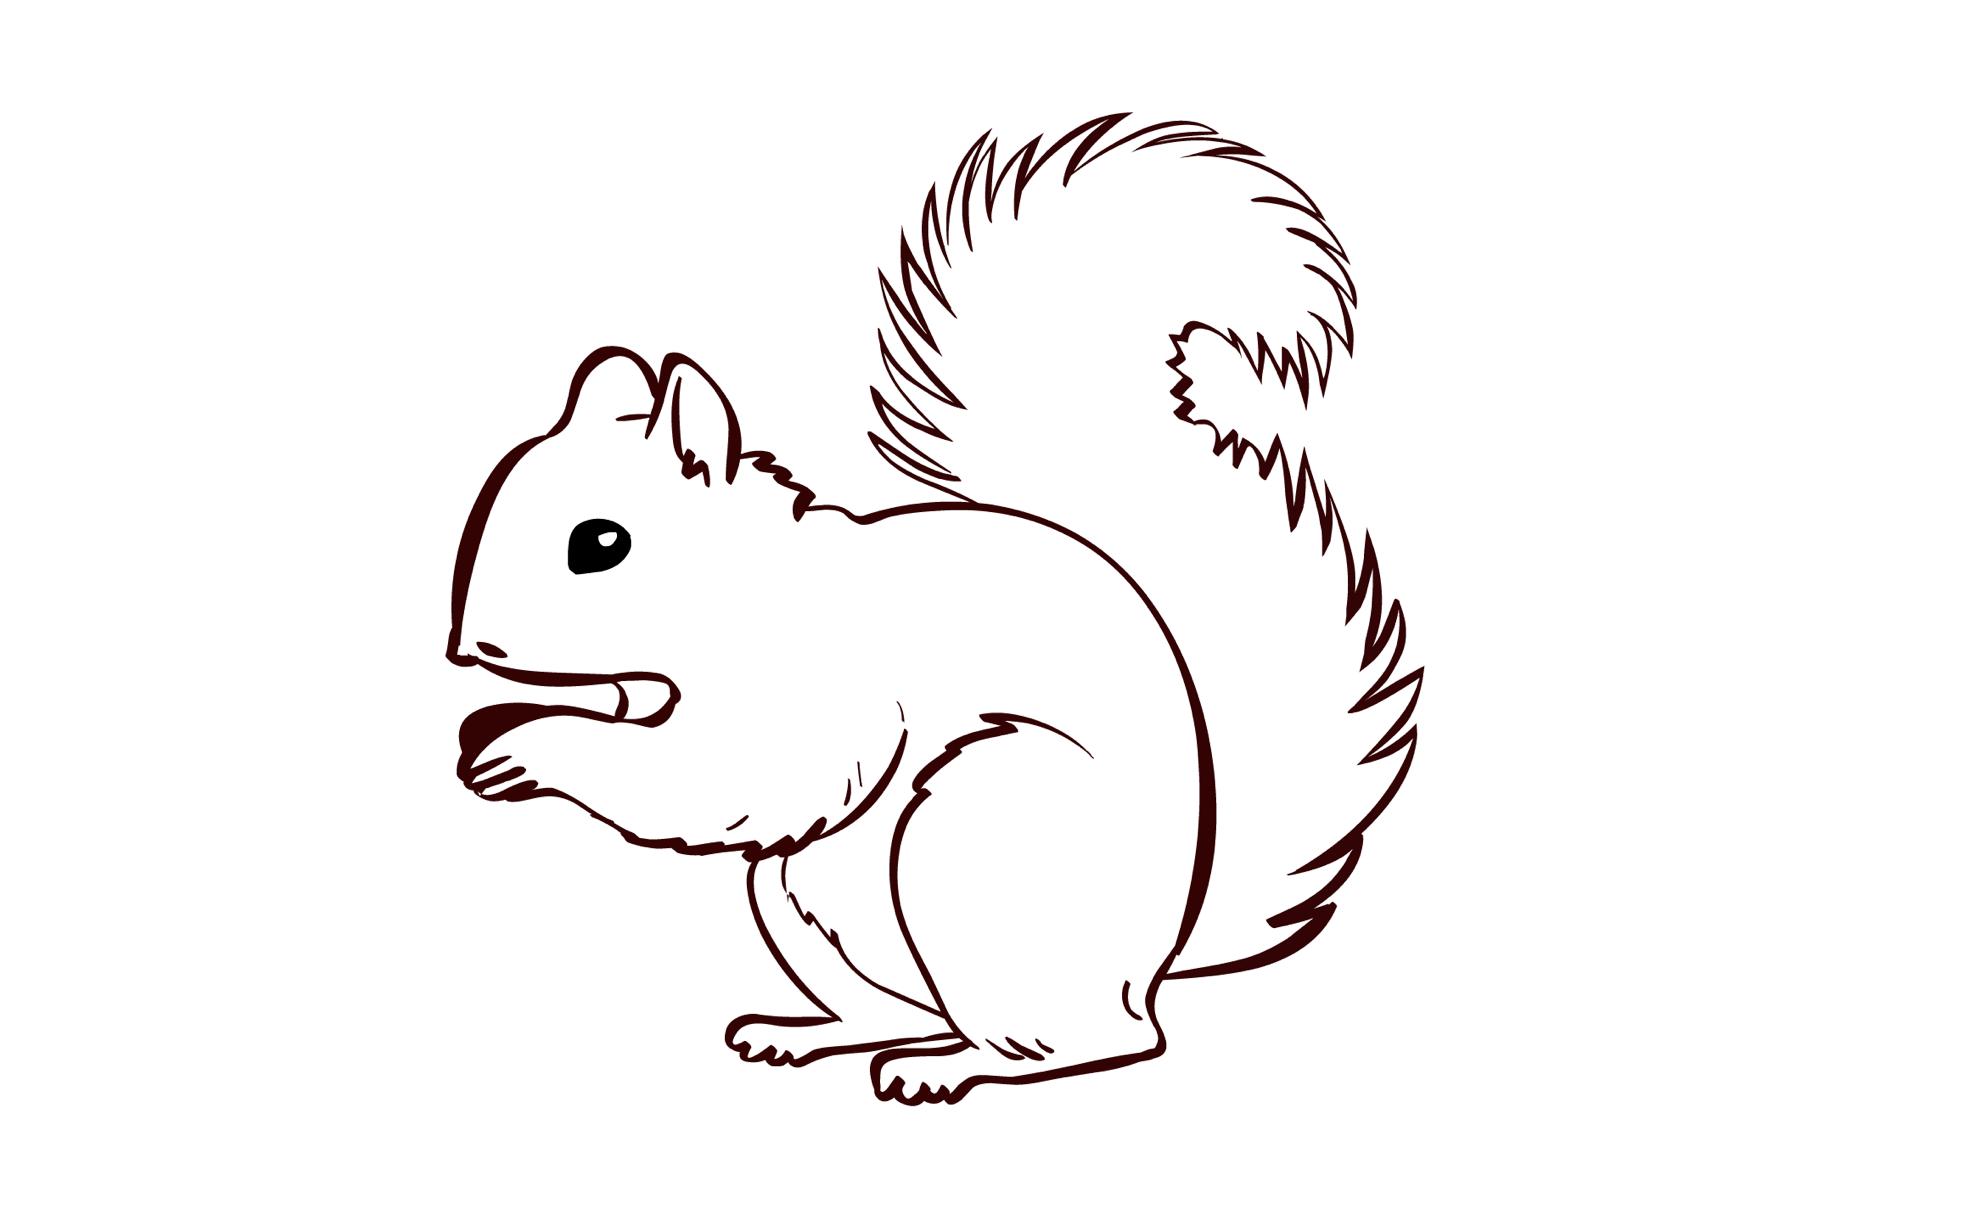 Ausmalbild - Eichhörnchen | Olis Bahnwelt bestimmt für Eichhörnchen Zum Ausmalen